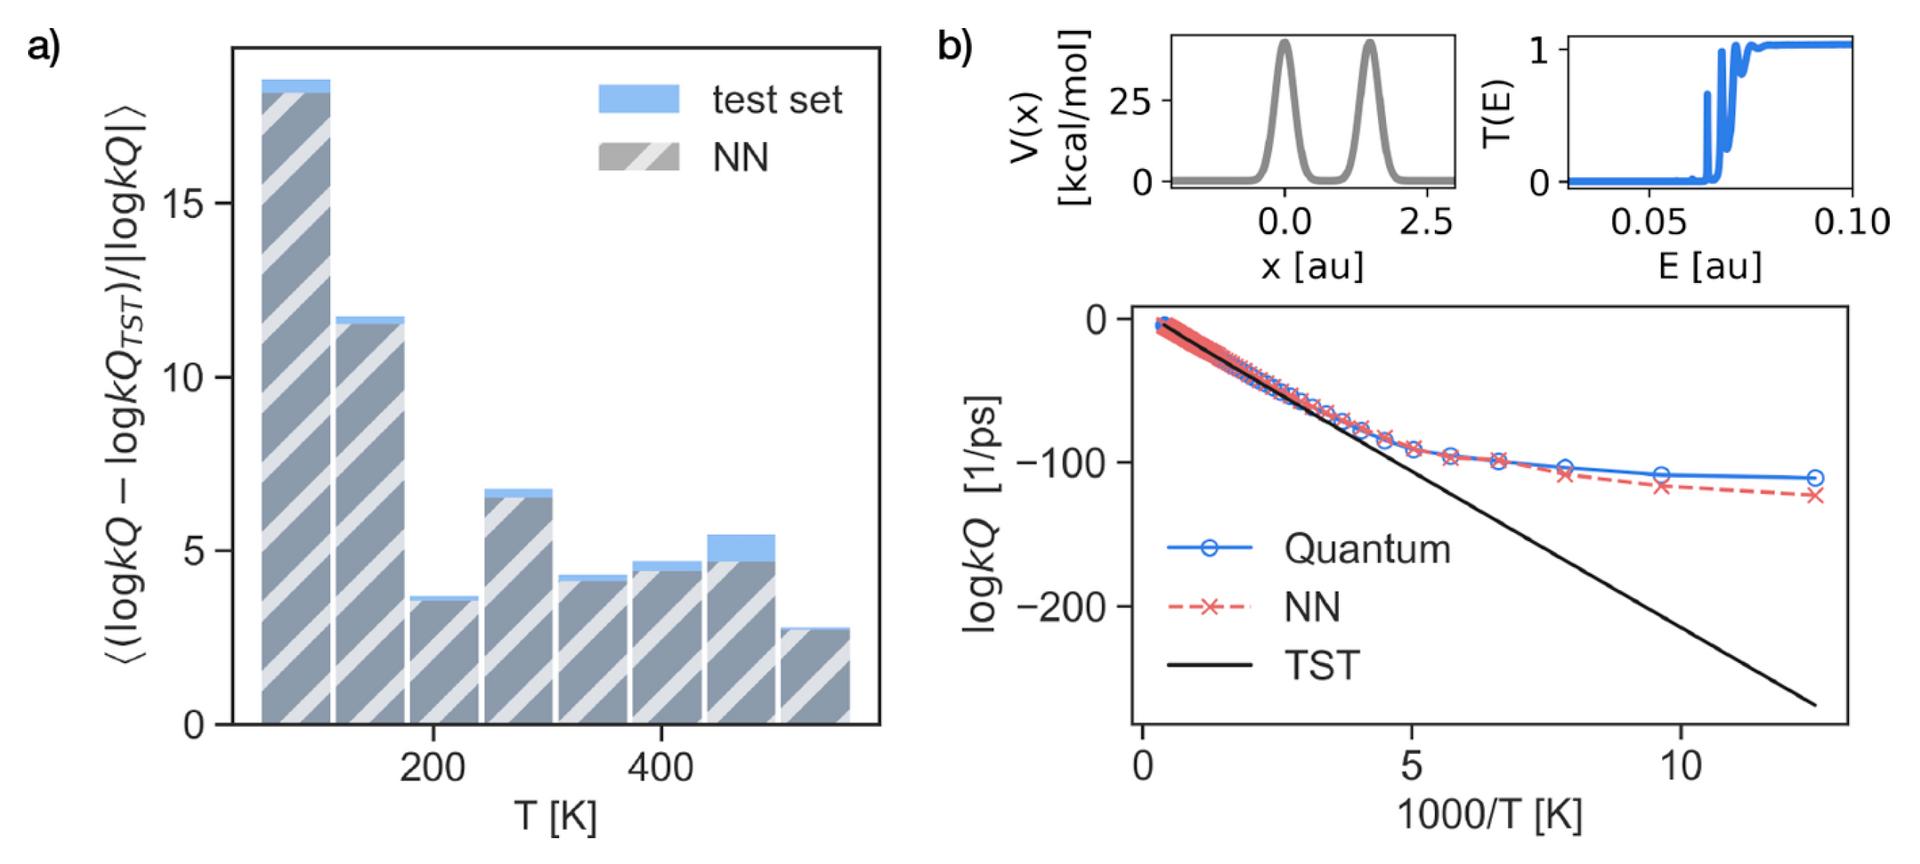 Predicting quantum effects